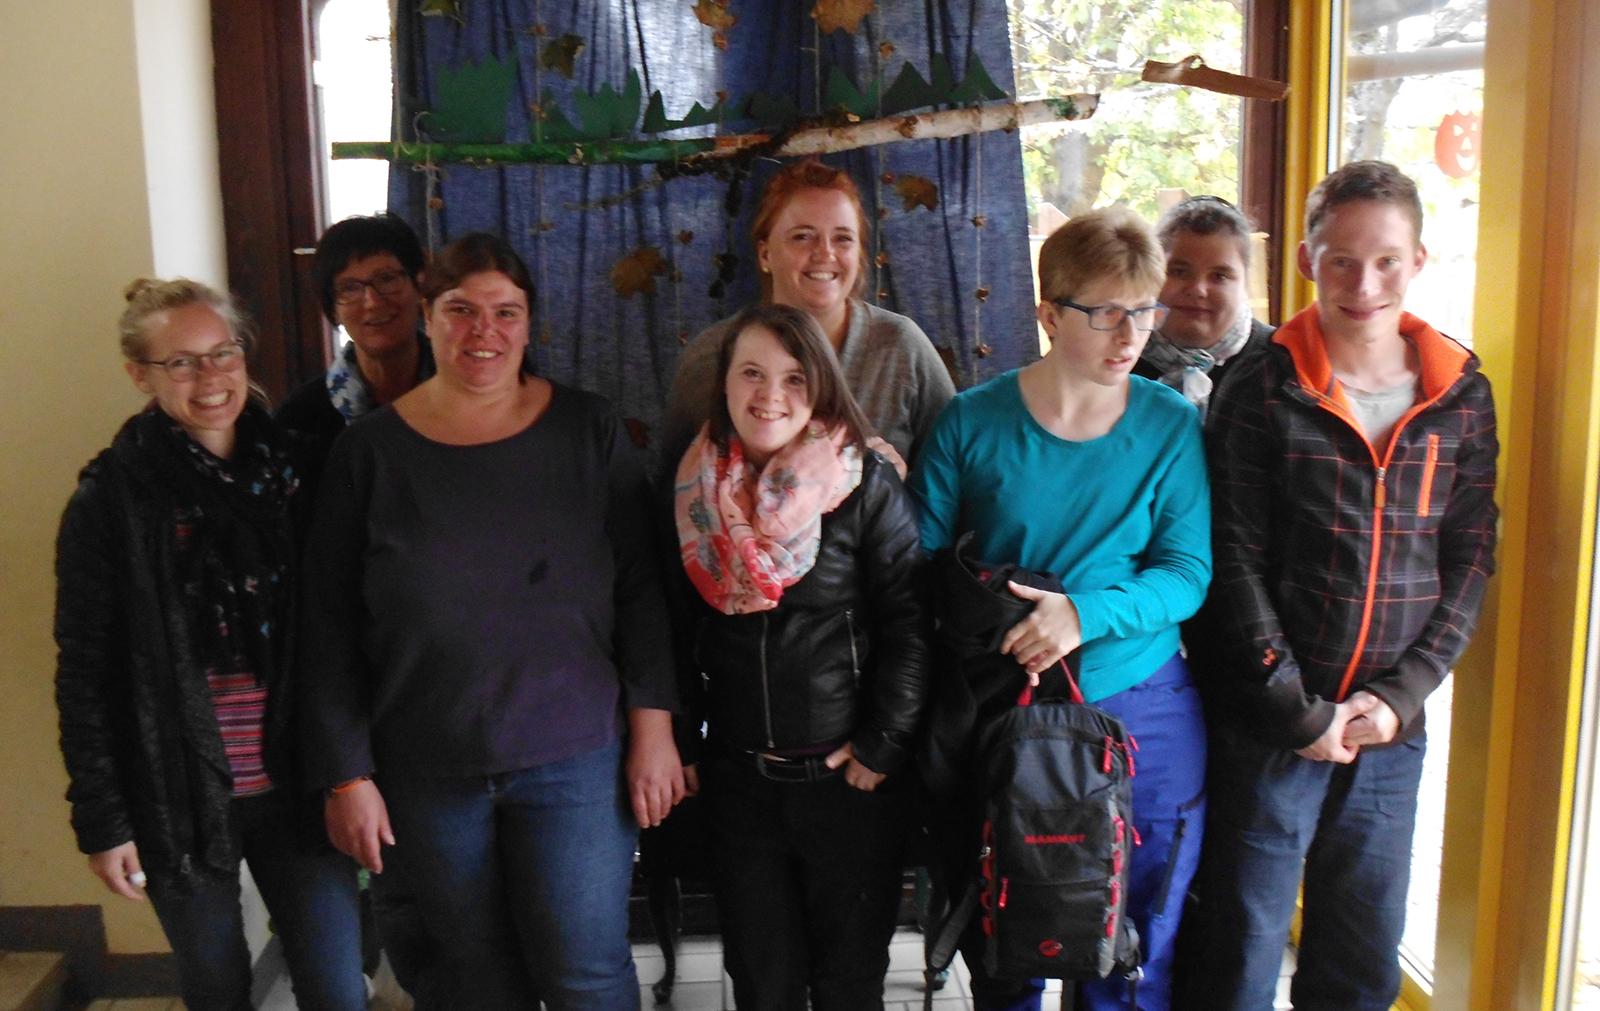 Jugendliche des Berufsbildungsbereiches der Werkstatt besuchten die Inklusive Kindertagesstätte der Lebenshilfe.